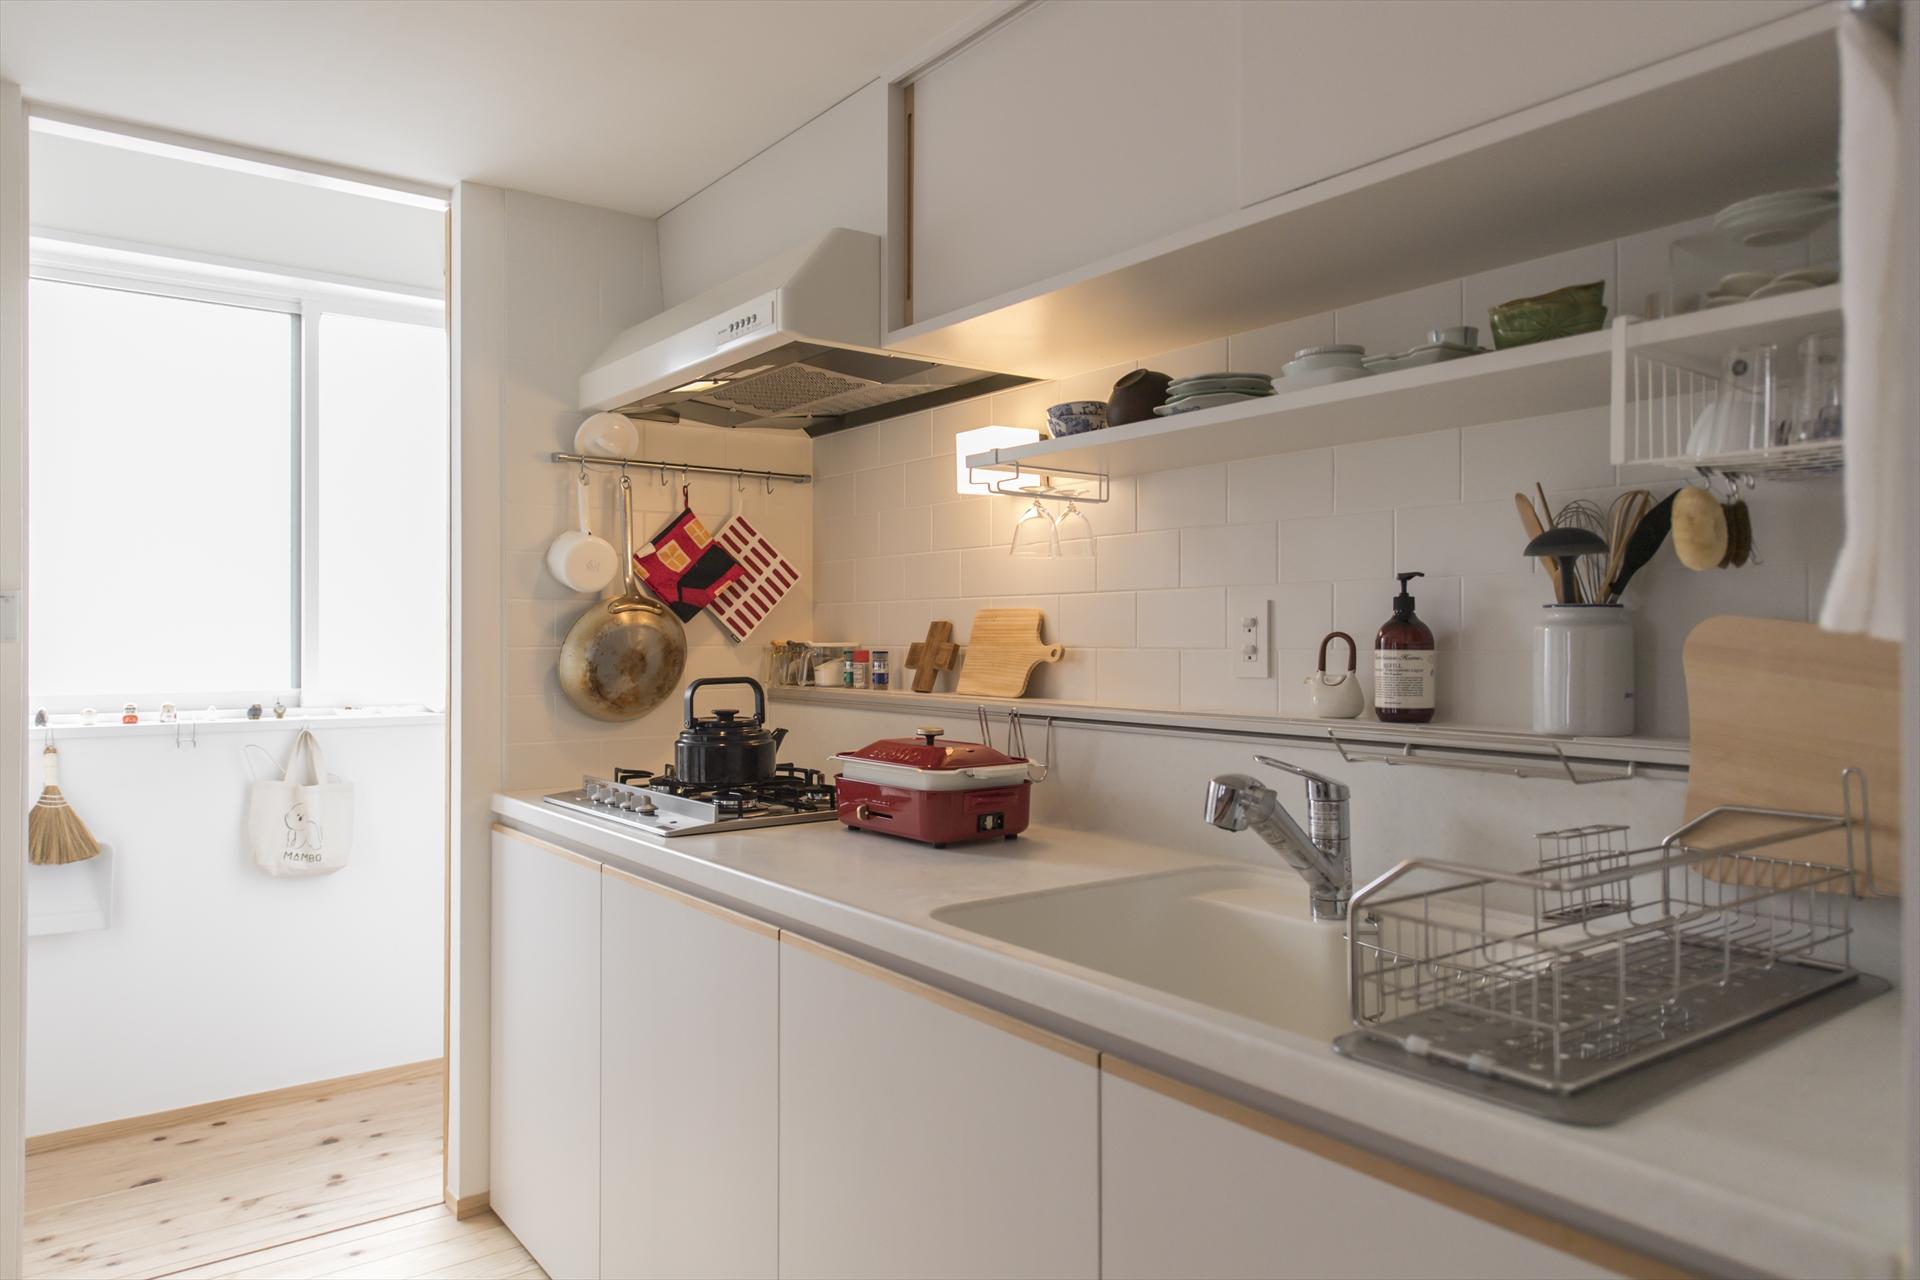 木月の家 キッチン/Mアトリエ